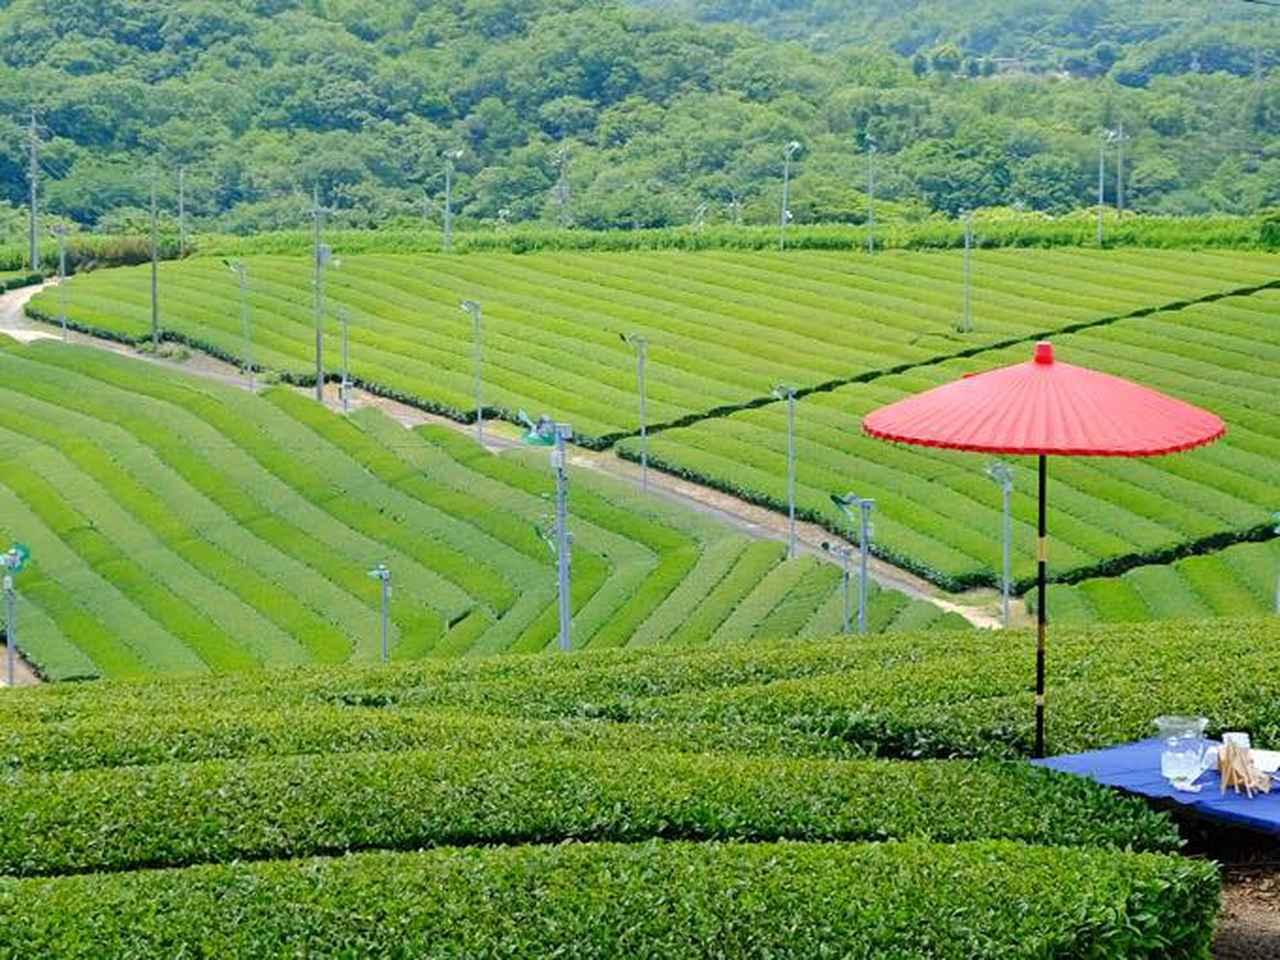 画像: 緑と現代アートの融合、そして誇れる産業がある街・山口県宇部市の旅